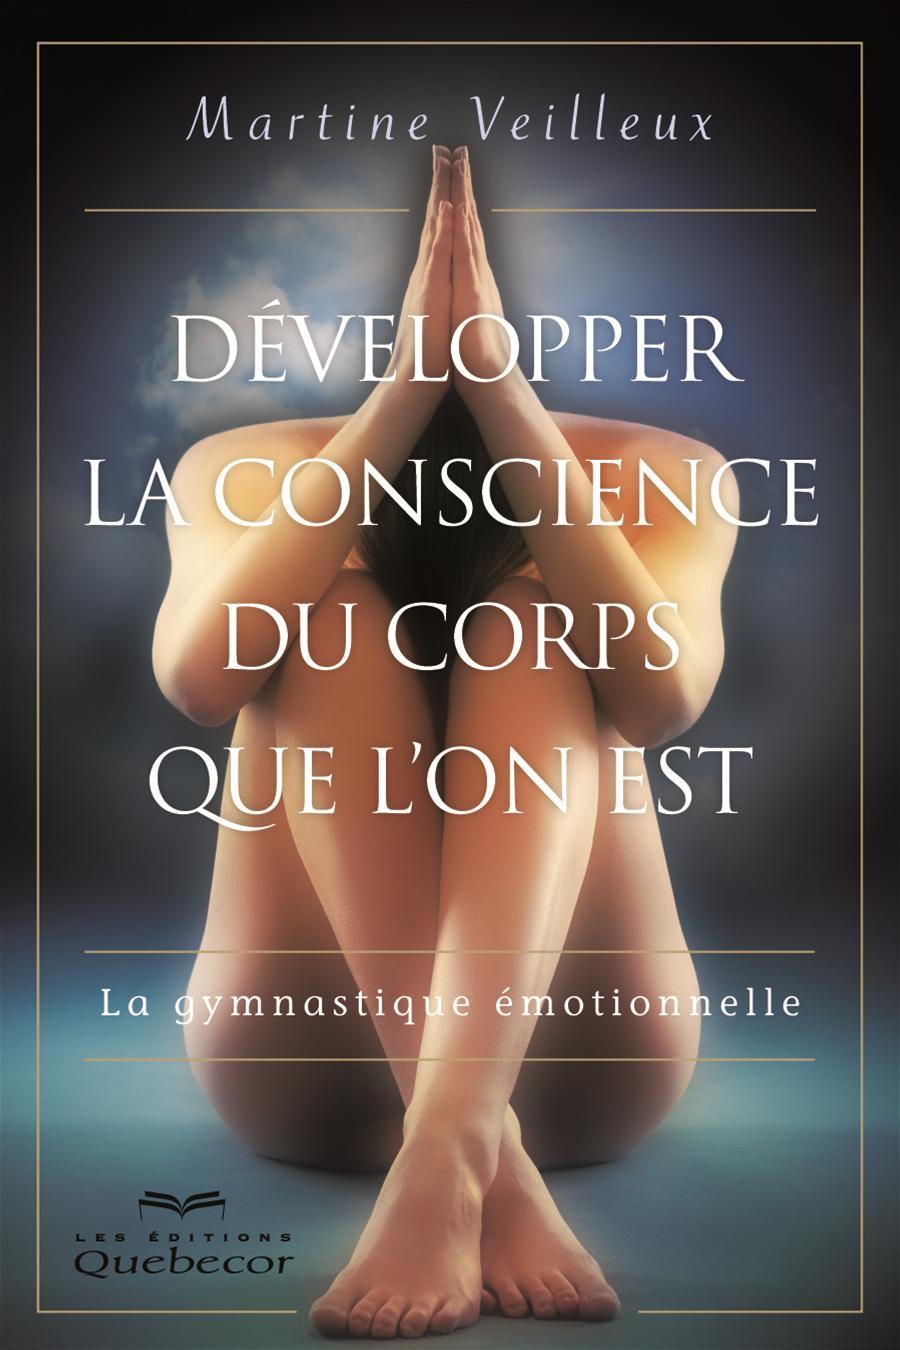 Développer la conscience du corps que l'on est